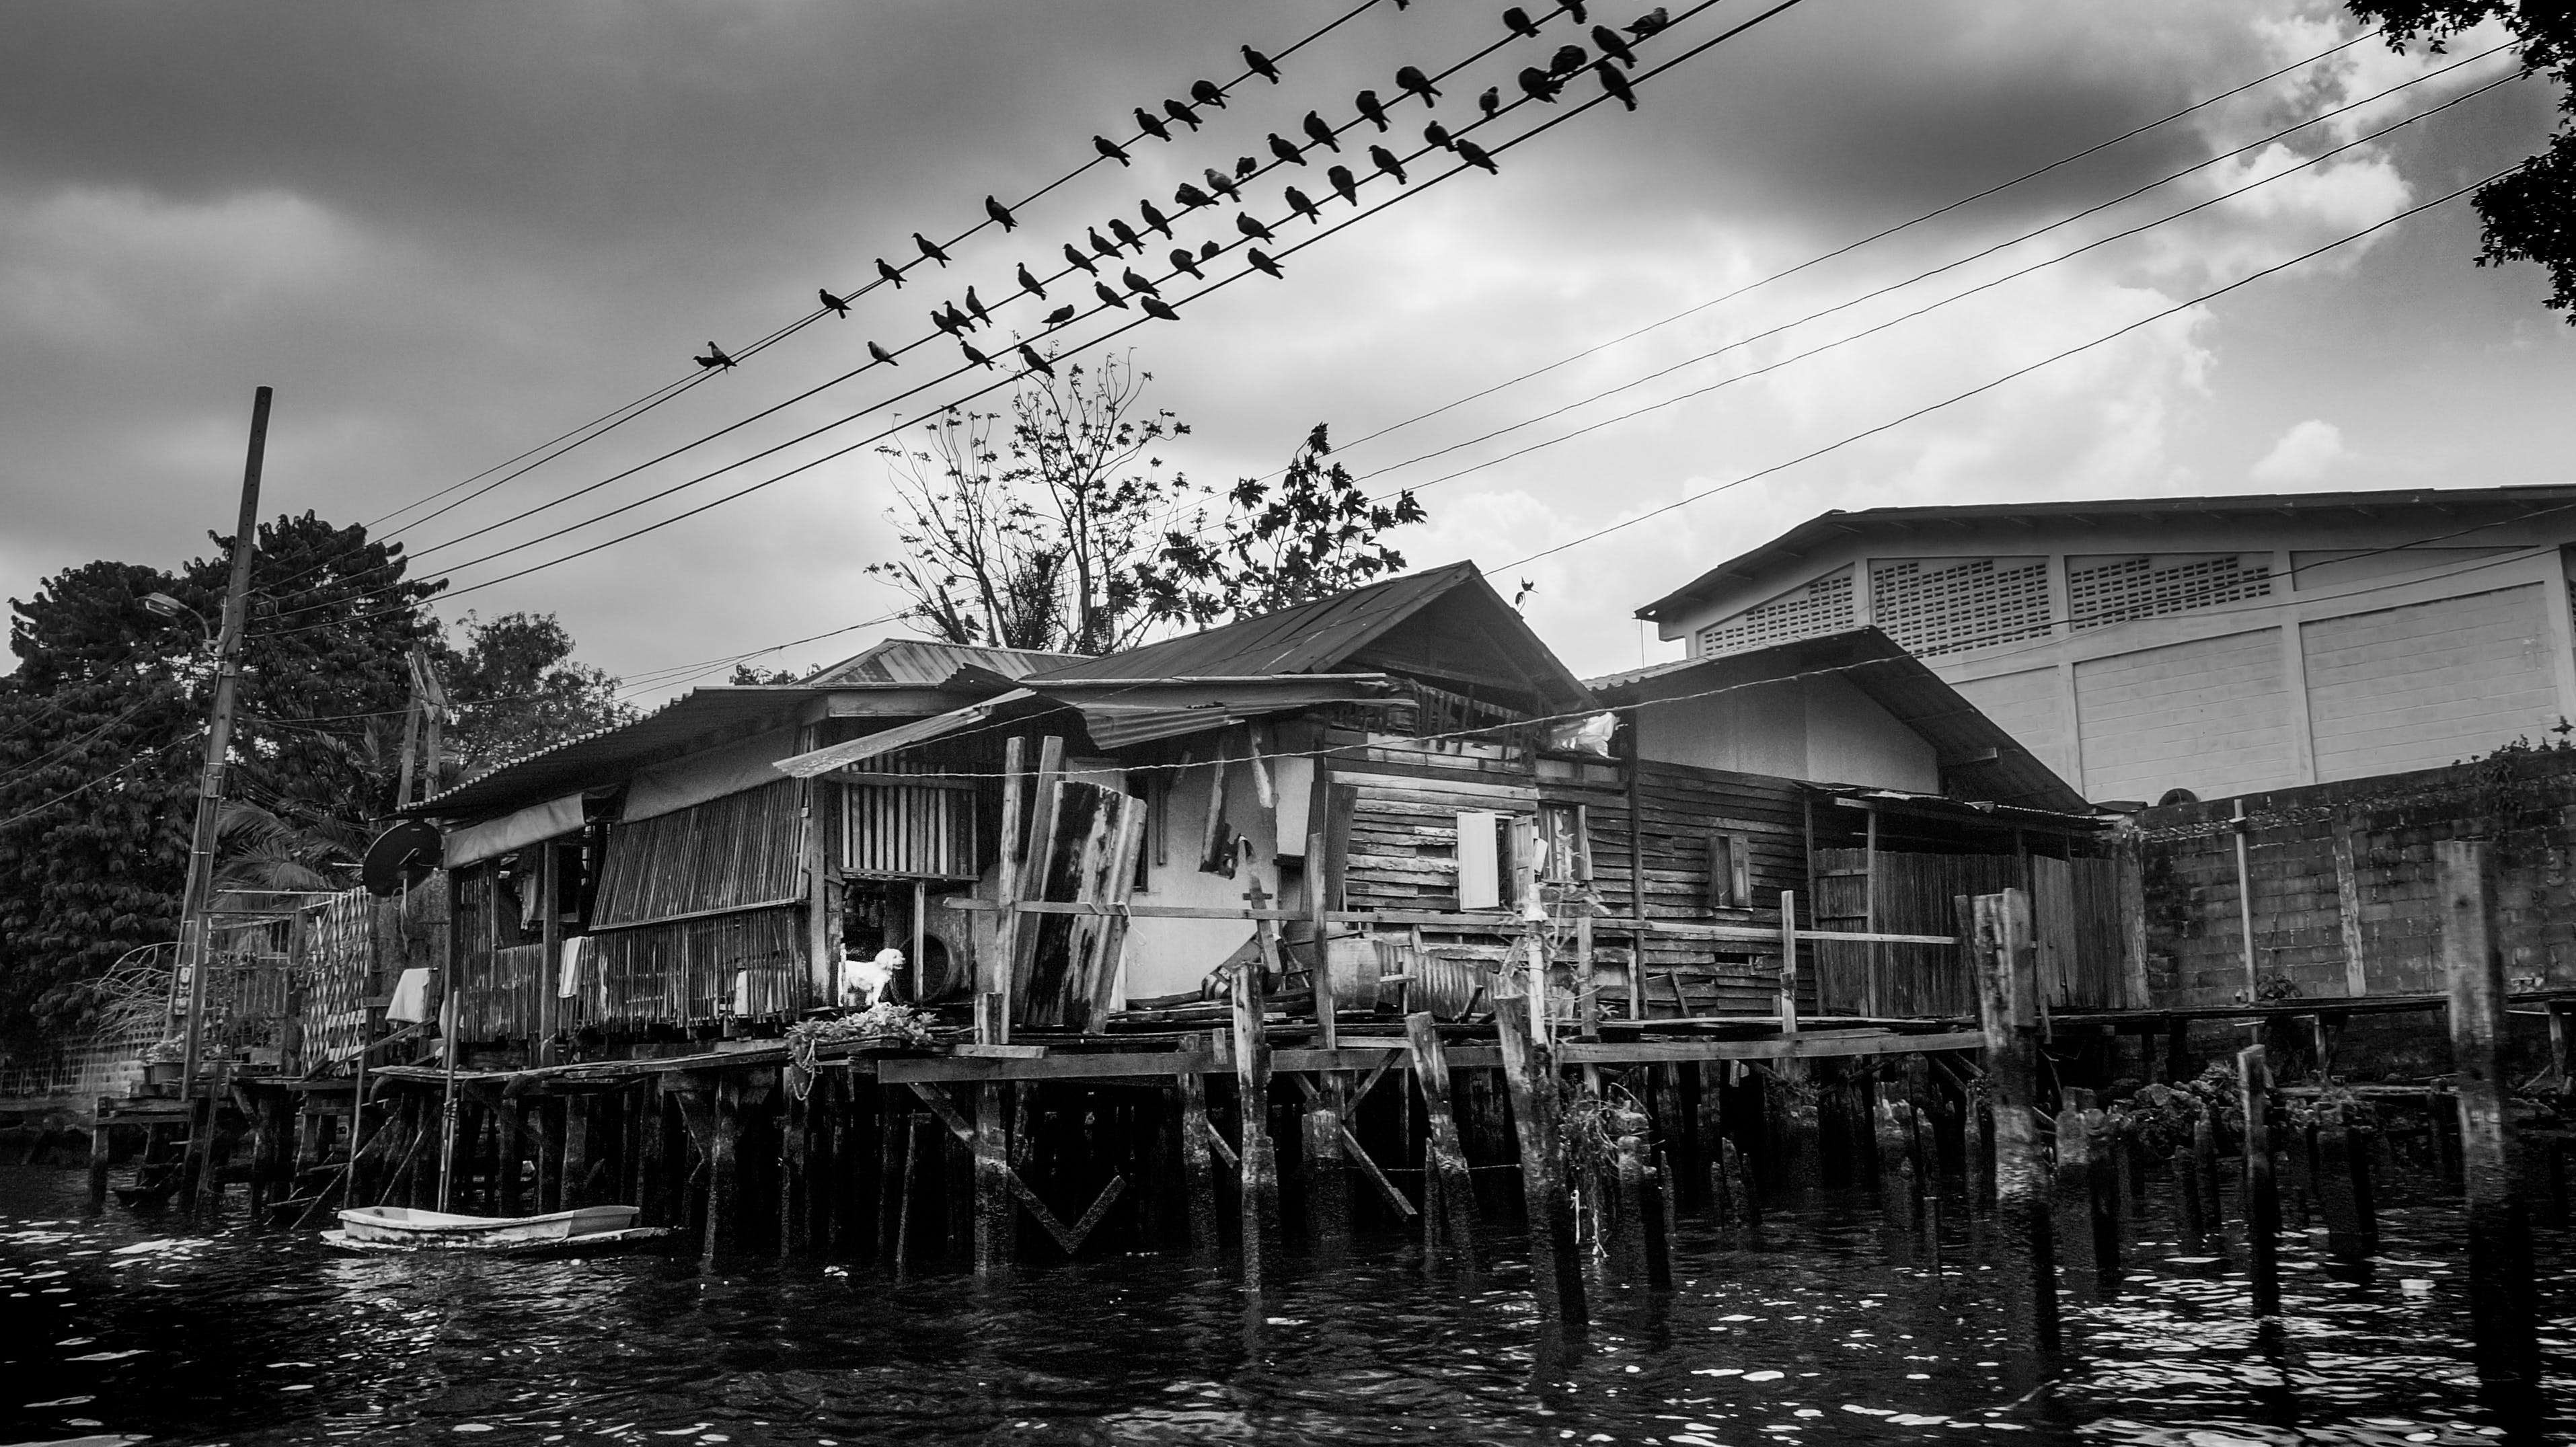 Δωρεάν στοκ φωτογραφιών με ασπρόμαυρο, γκρι, νερό, σκοτάδι